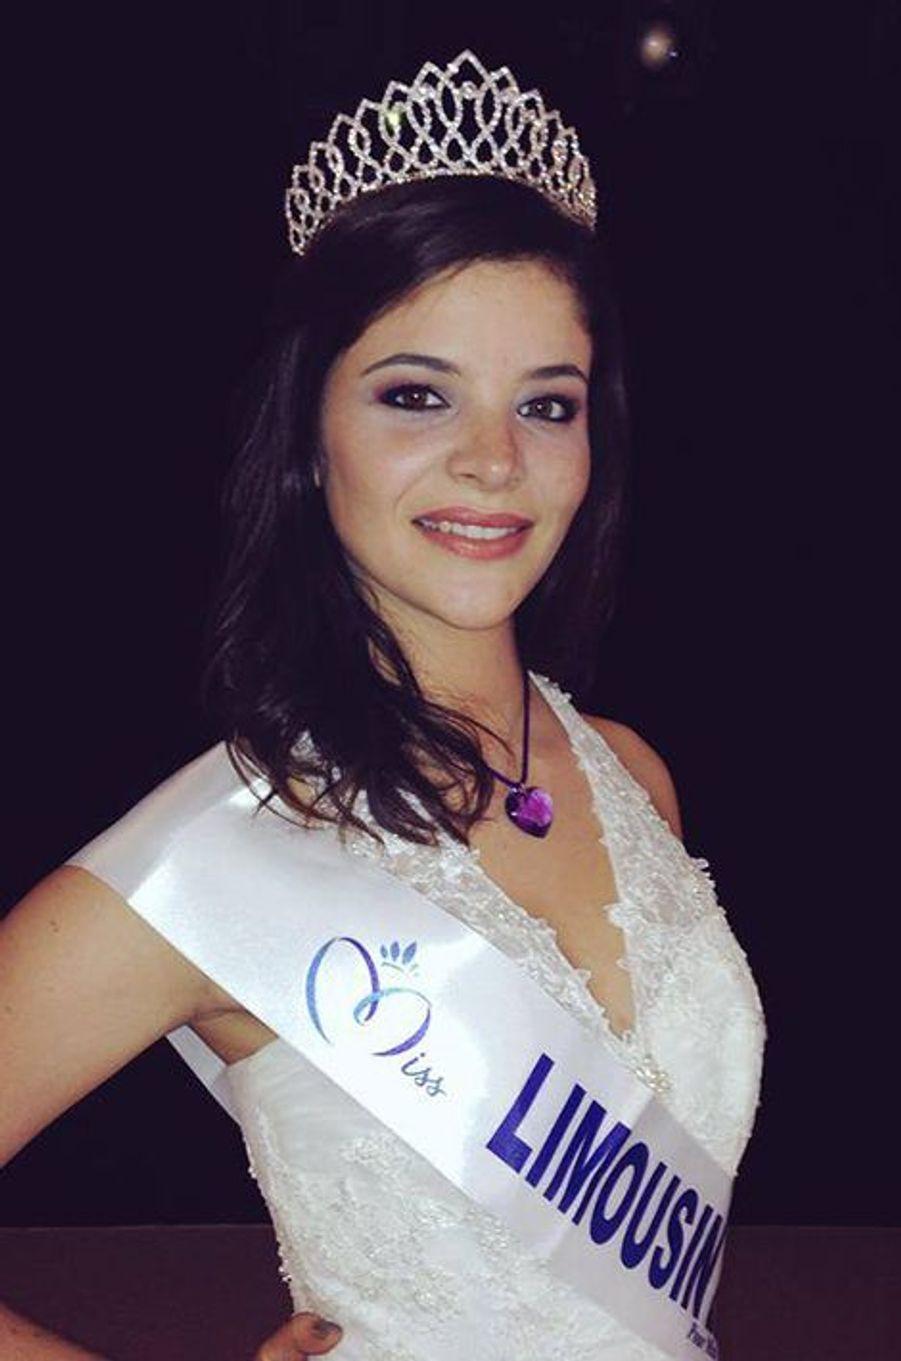 Miss Limousin - Emma Bourroux (19 ans - 1,78 m) - Étudiante en sciences